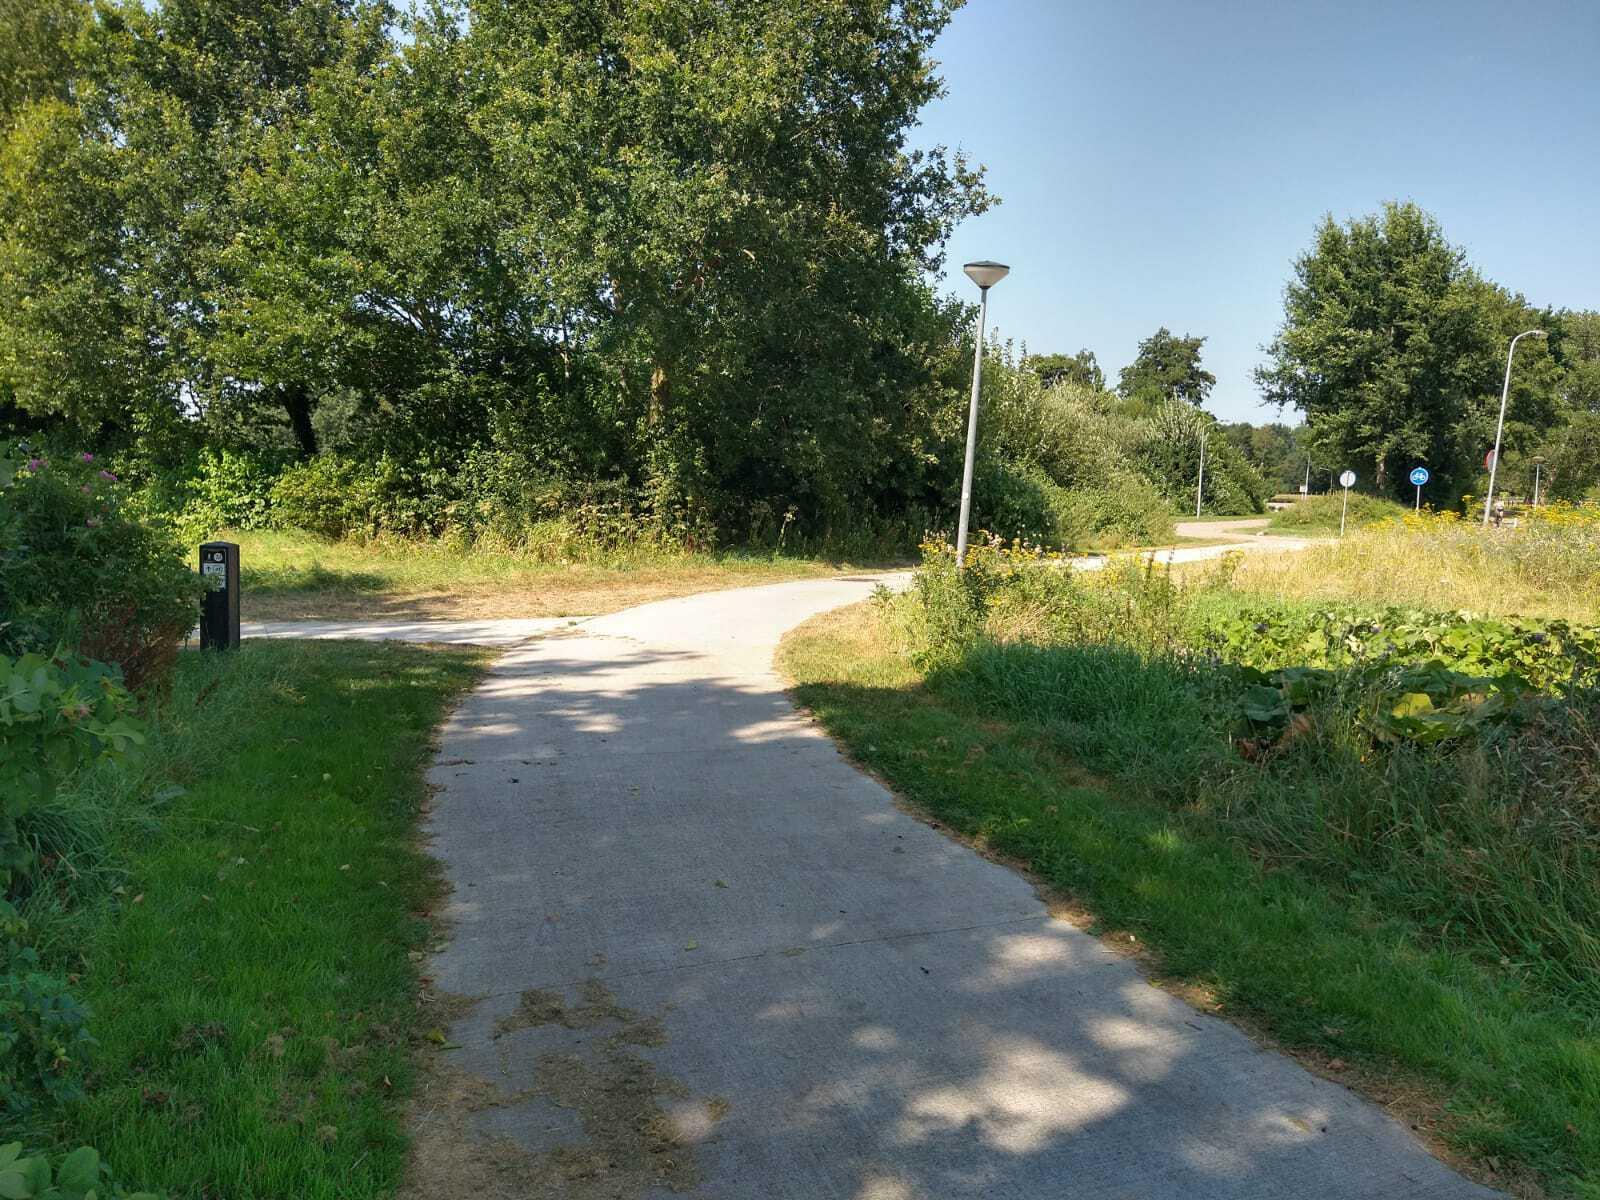 Schakelroute Schapendrift - Plattenveld